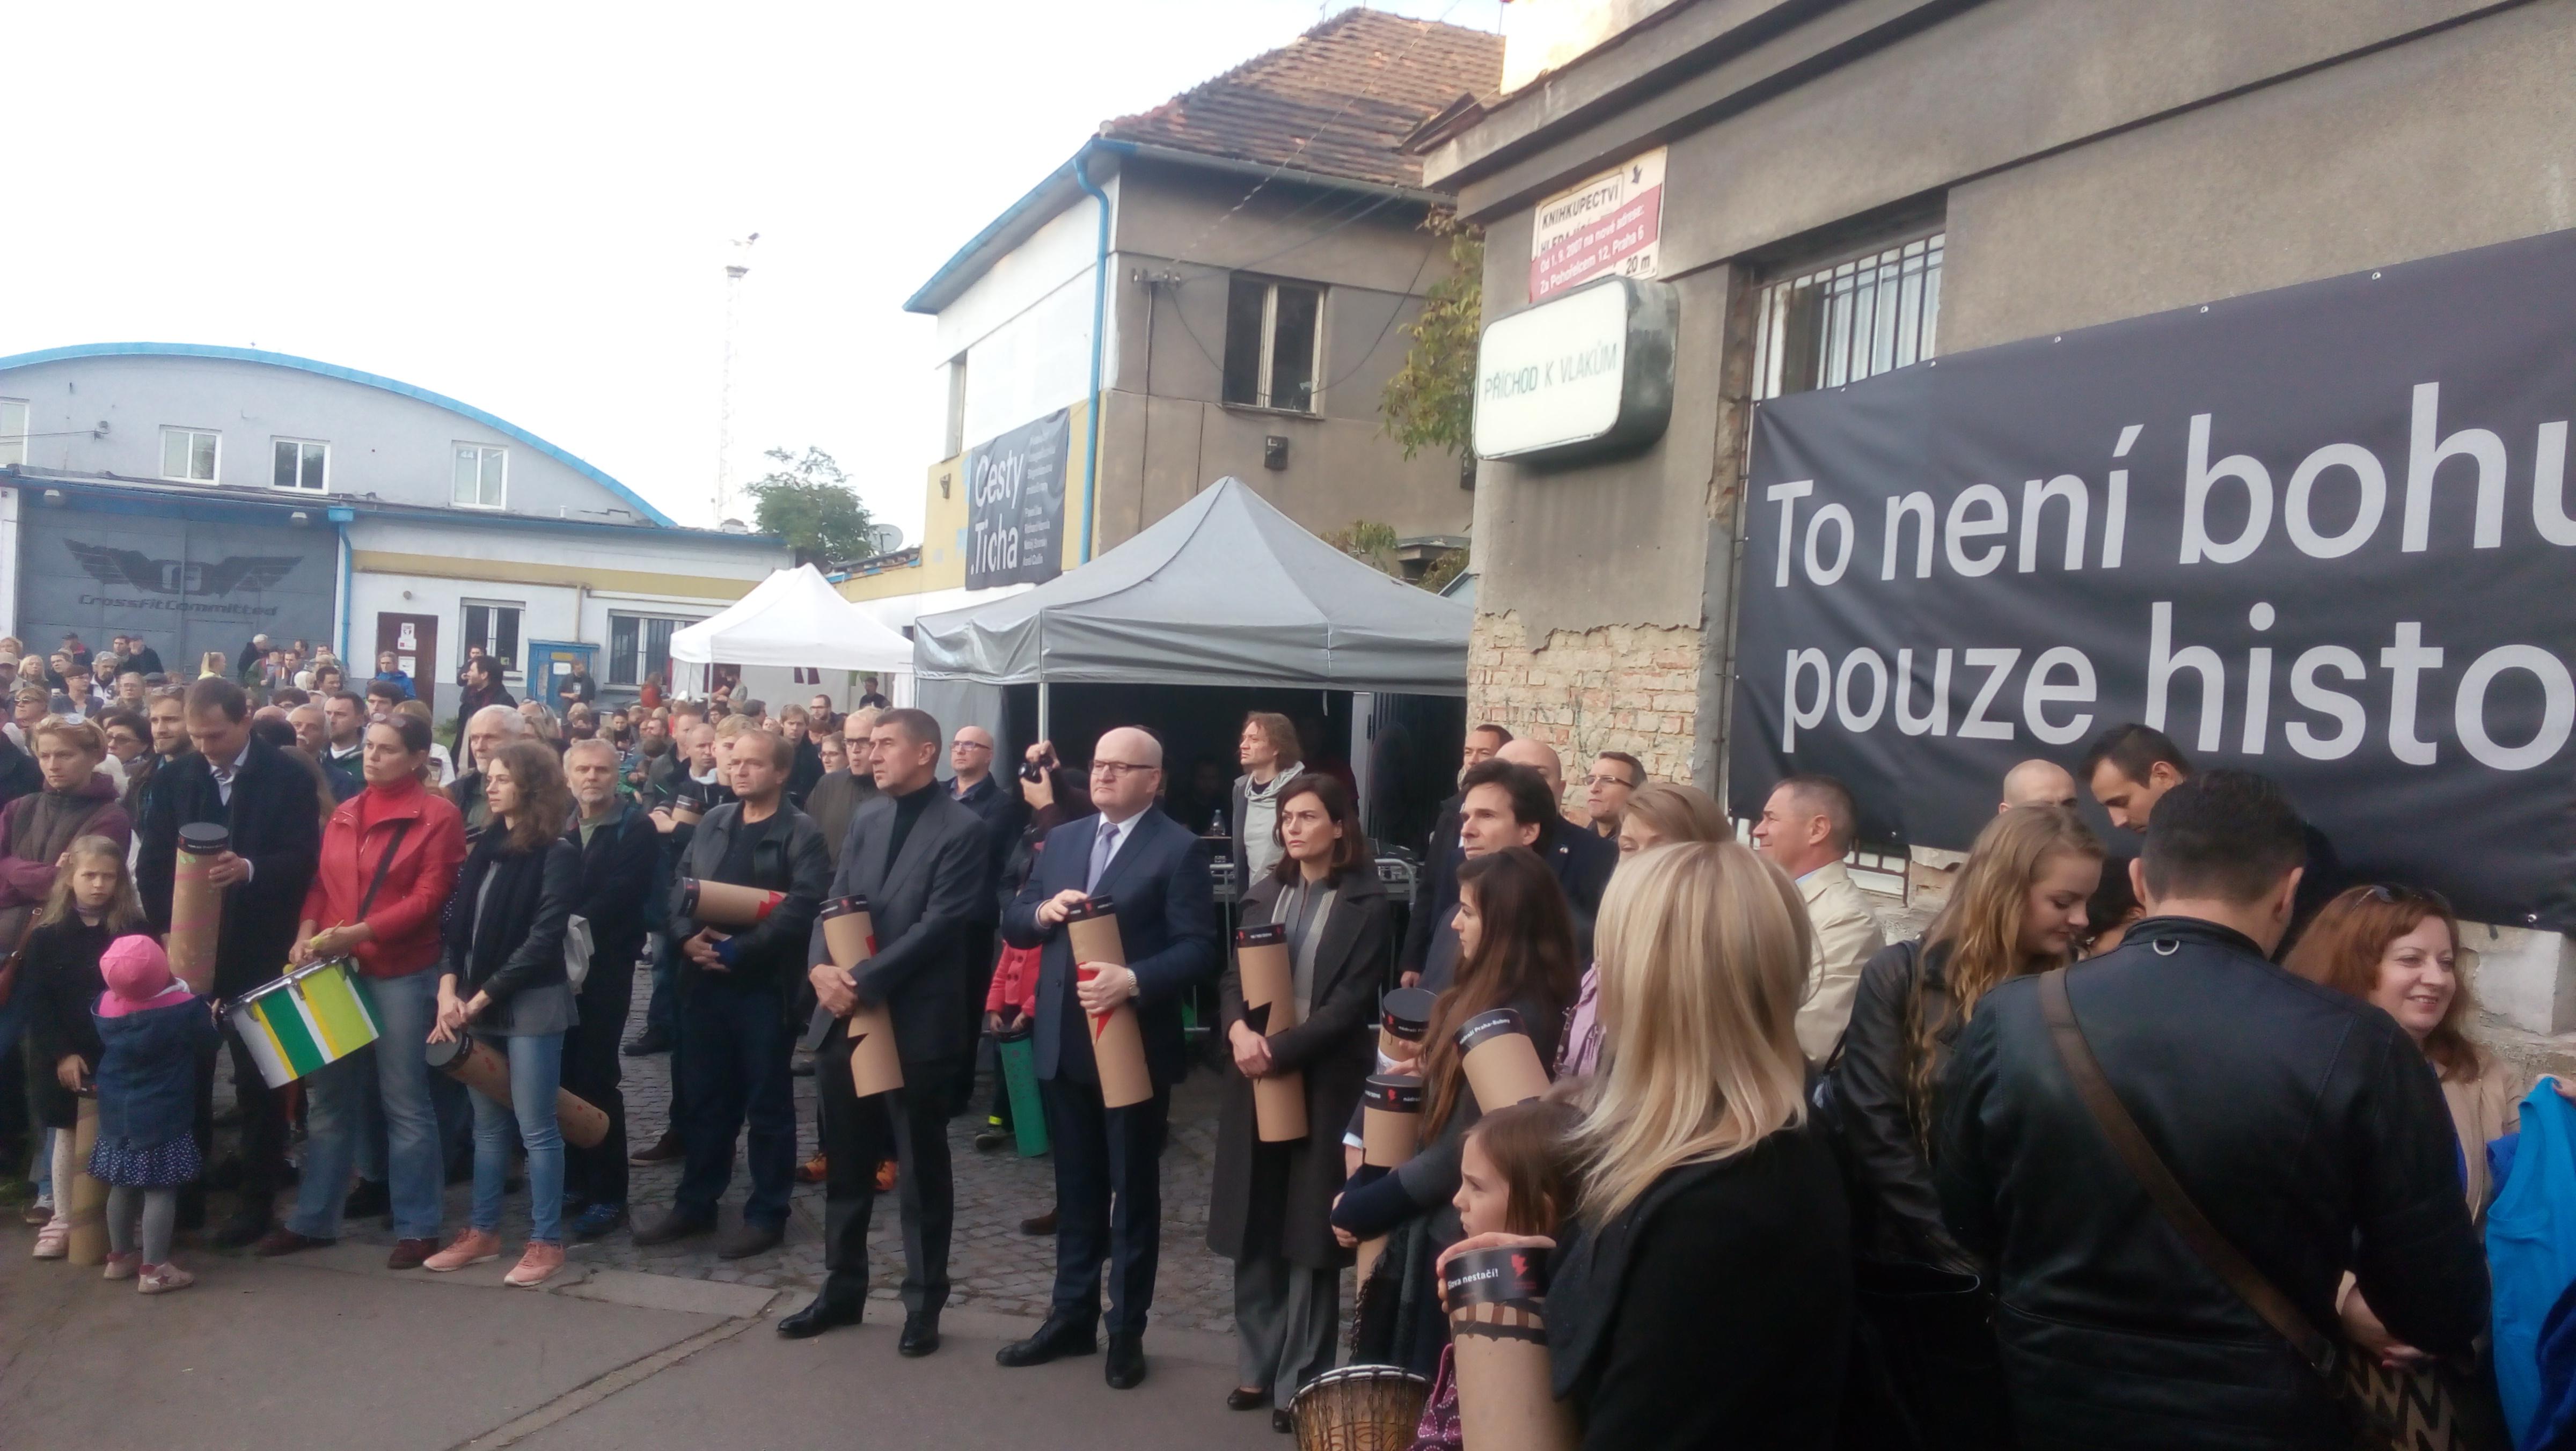 Mezi bubeníky byli i starosty Prahy 7 Čižinský, Andrej Babiš, Daniel Herman a americká velvyslanec Andrew Schapiro